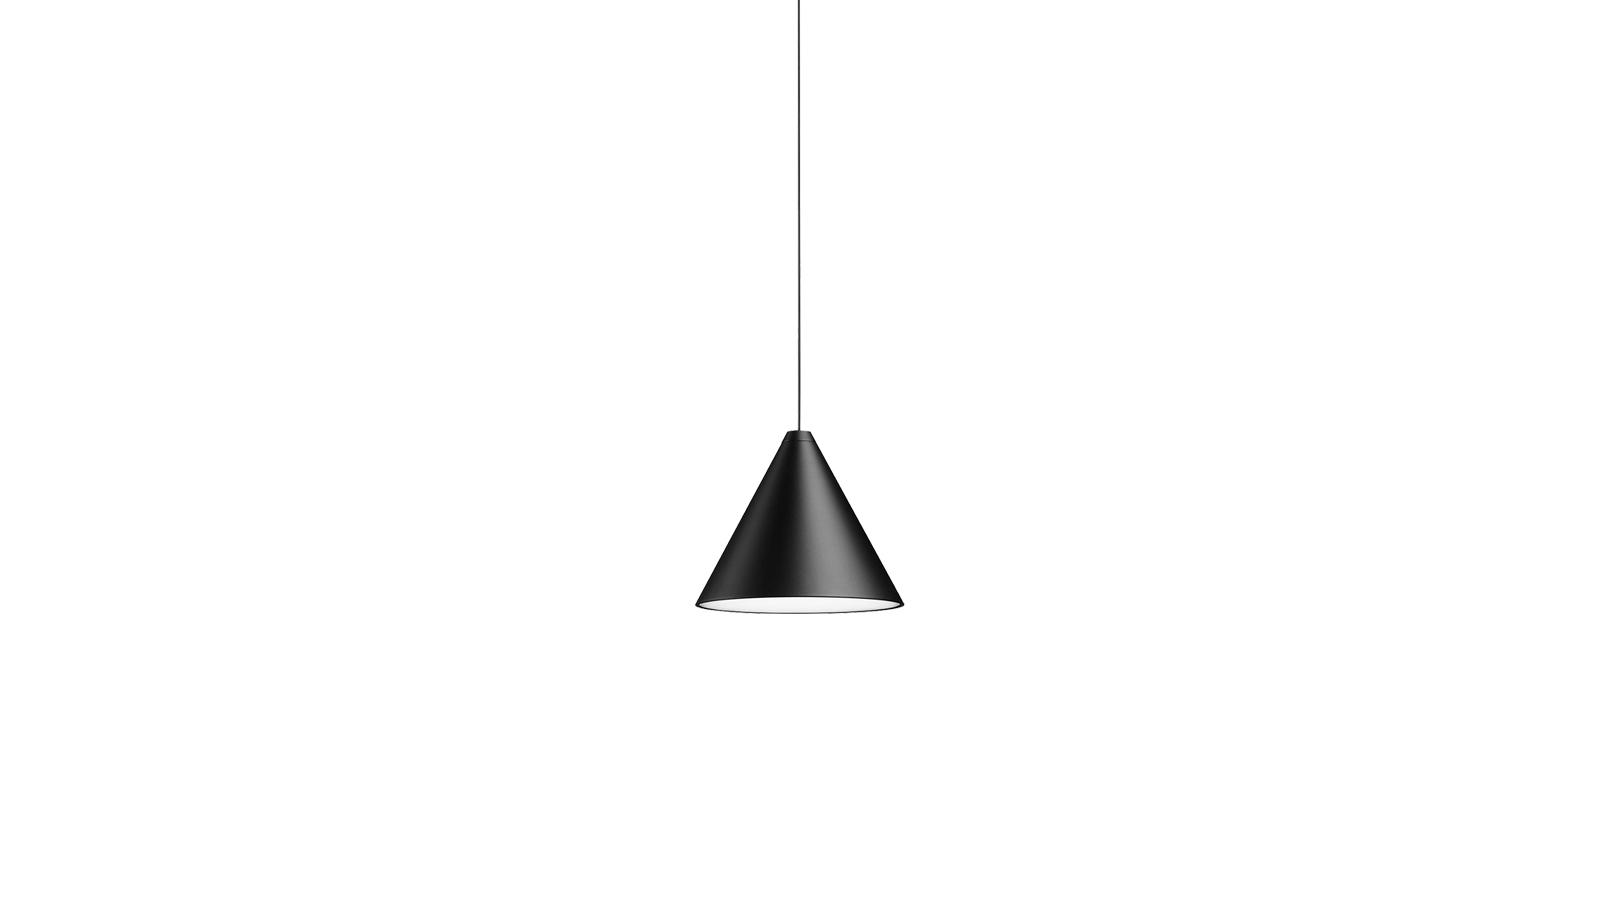 Minden hivalkodást nélkülöz a String Light lámpacsalád. A geometrikus formák és a szögegyenes vonalak találkozásaként megkérdőjelezhetetlenül kortárs benyomást kelt. A skandináv designt megidéző lámpacsalád maximálisan korszerű is: a termékek szórt fénye Androidos és Apple készülékekről is állítható.